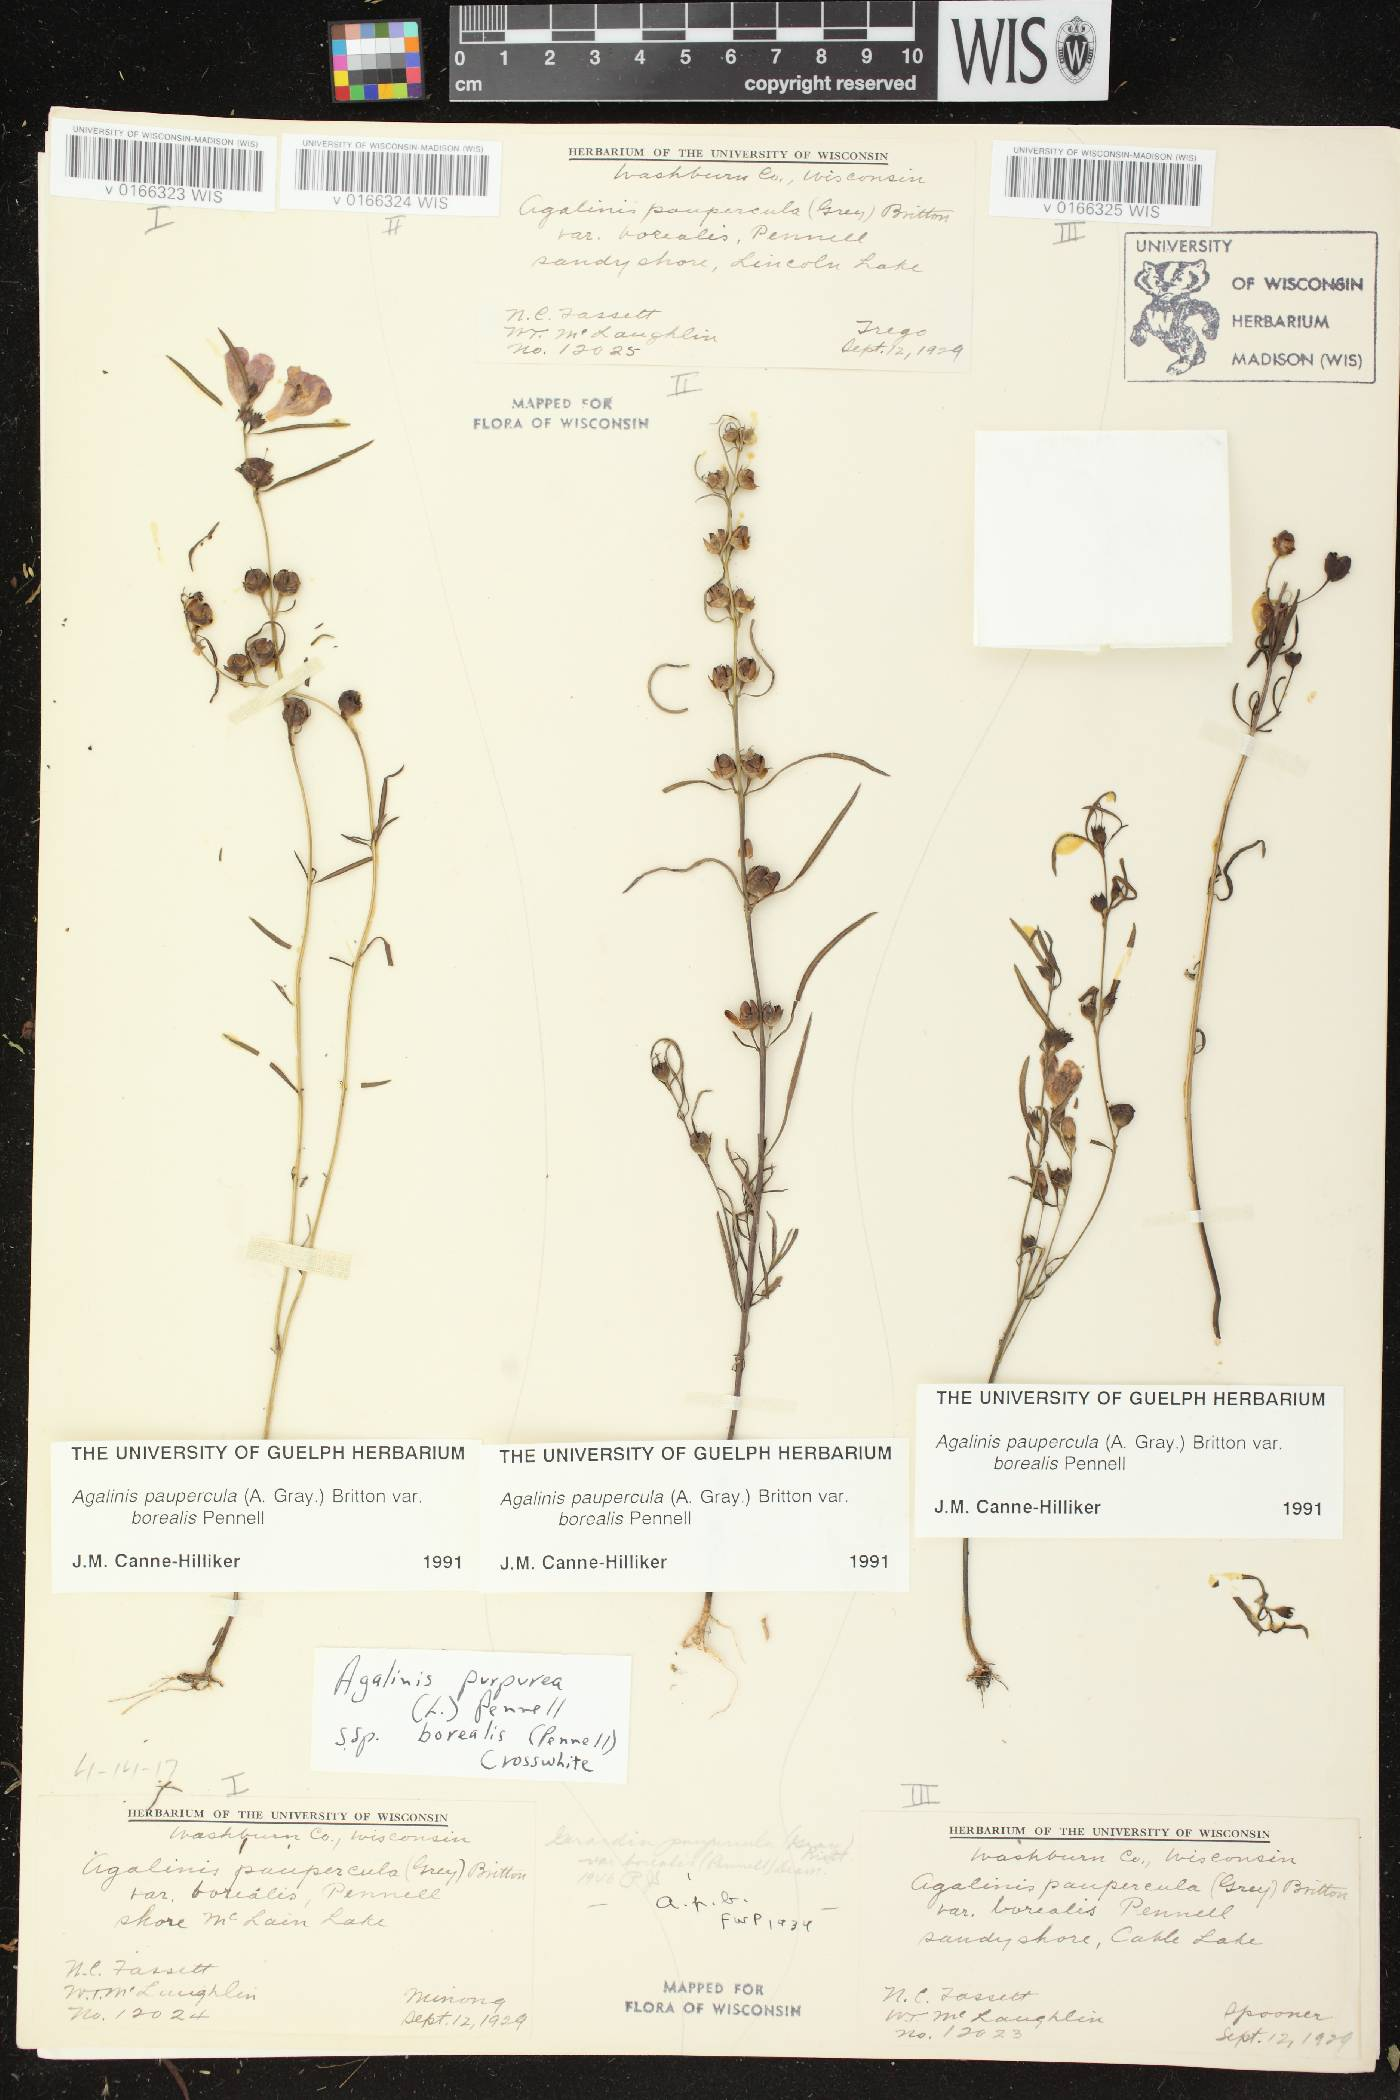 Agalinis paupercula var. borealis image